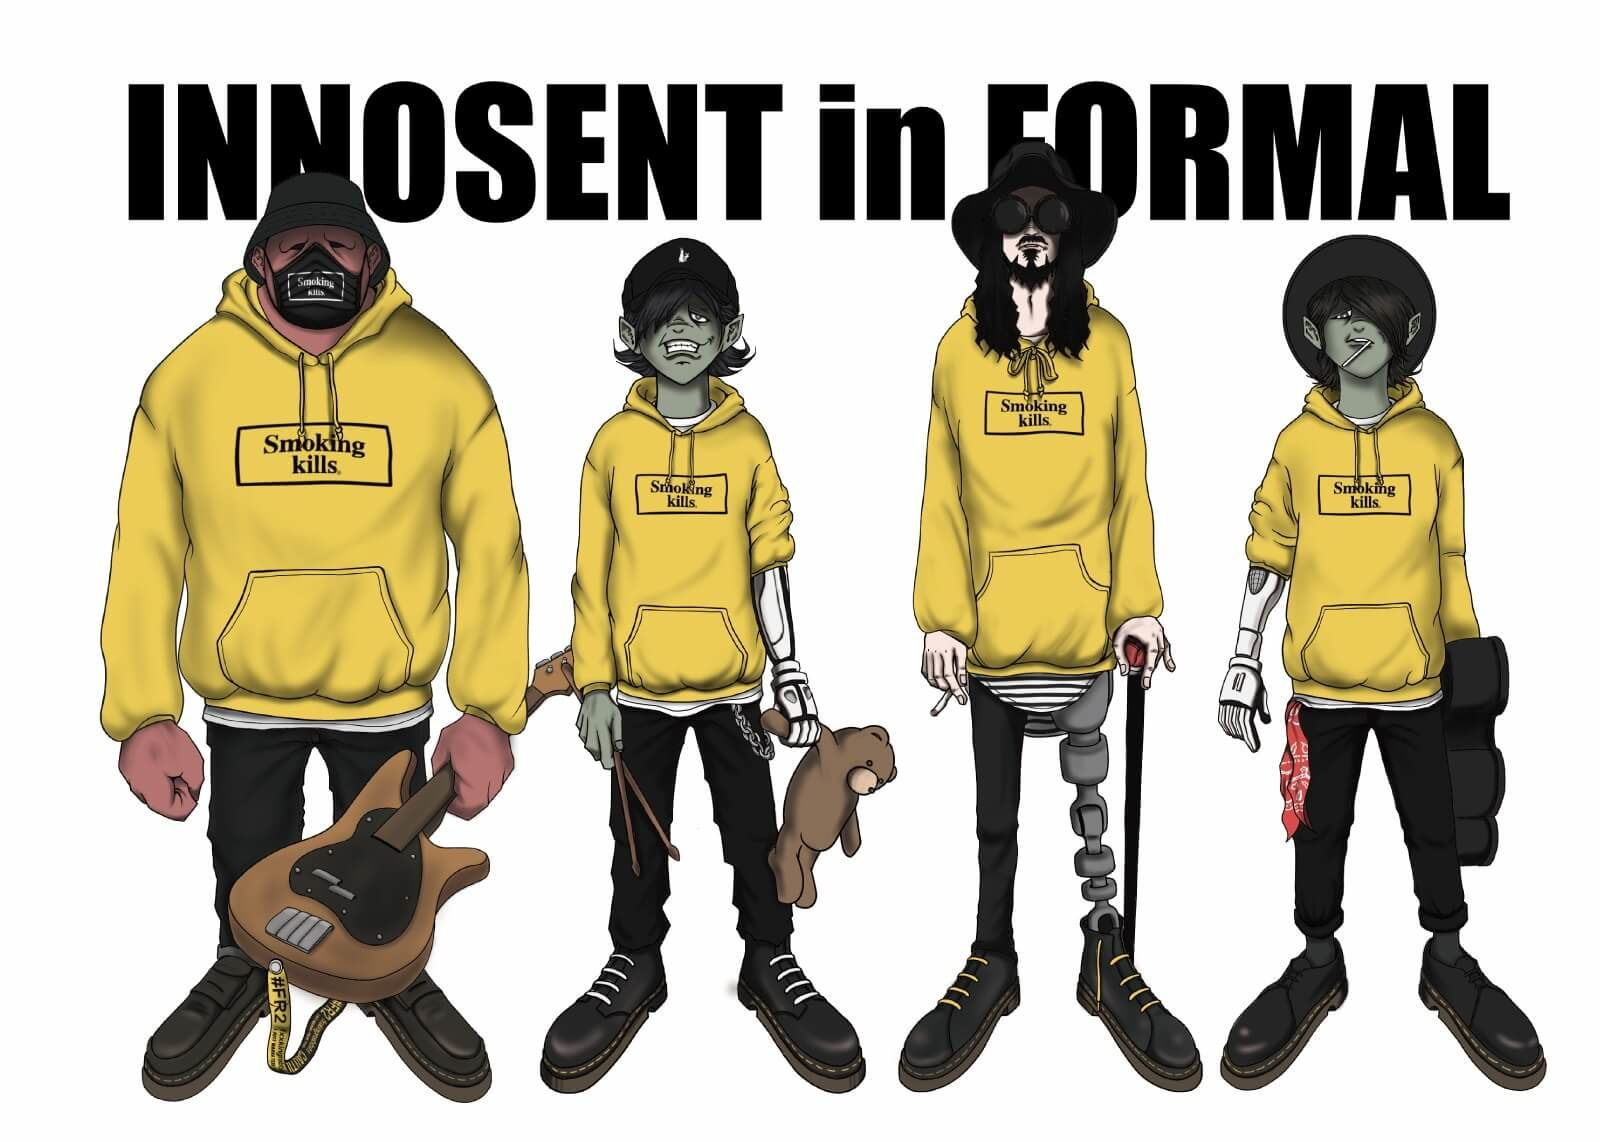 架空のカートゥーン・バンドINNOSENT in FORMAL、新曲「Riff」のミュージックビデオ公開サムネイル画像